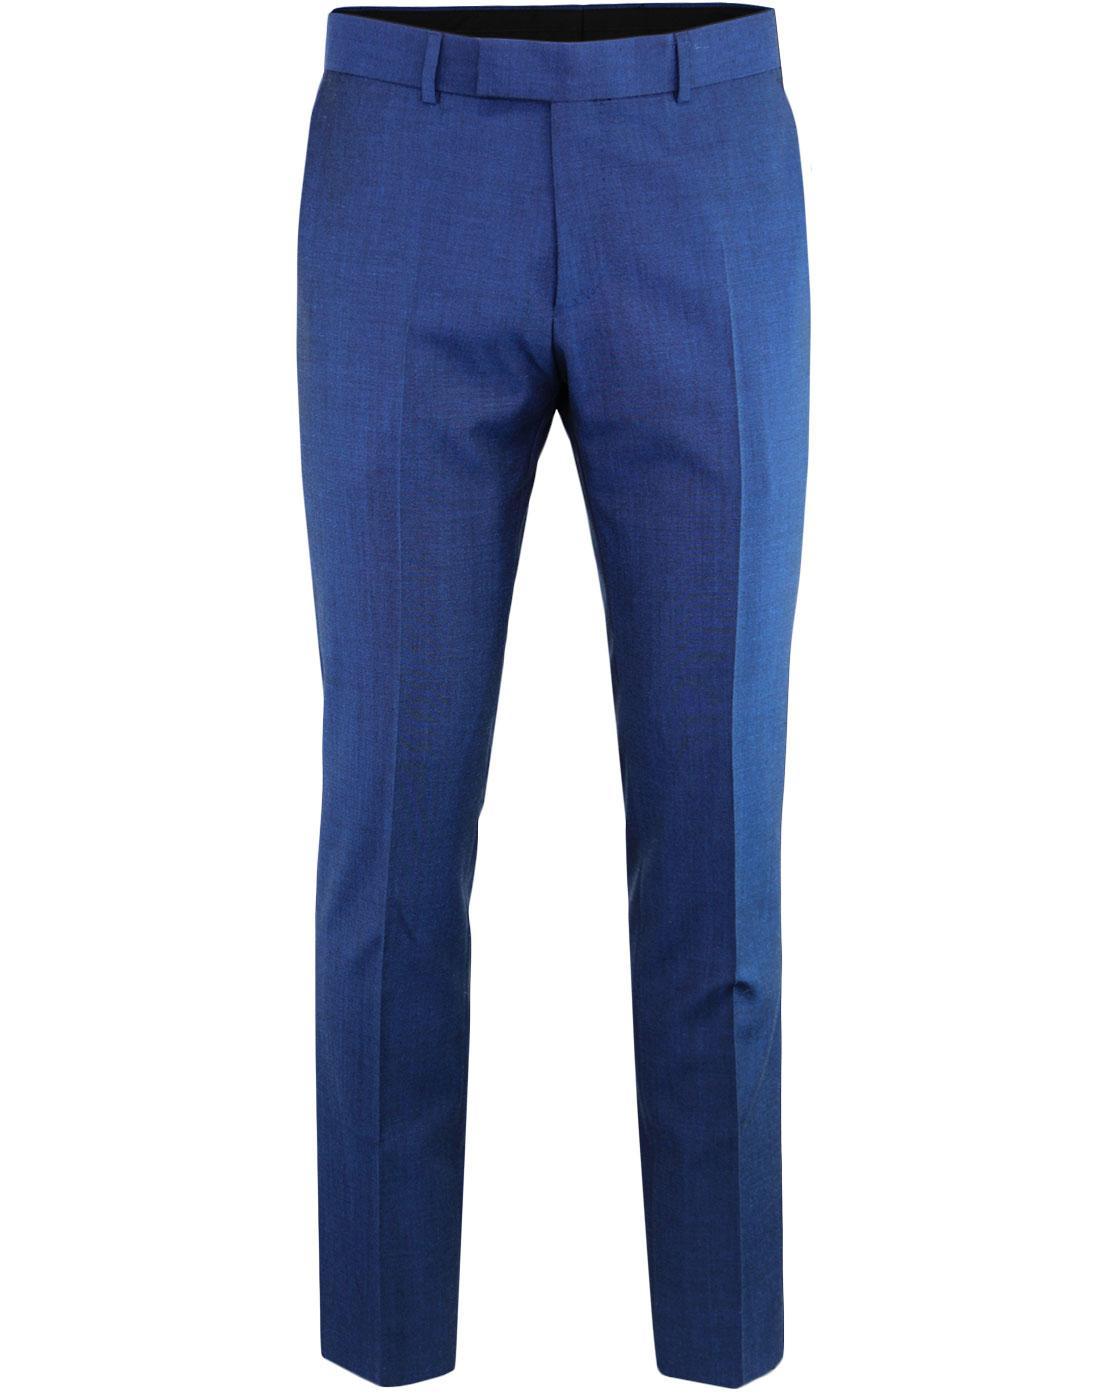 MADCAP ENGLAND Mod Mohair Tonic Suit Trousers BLUE